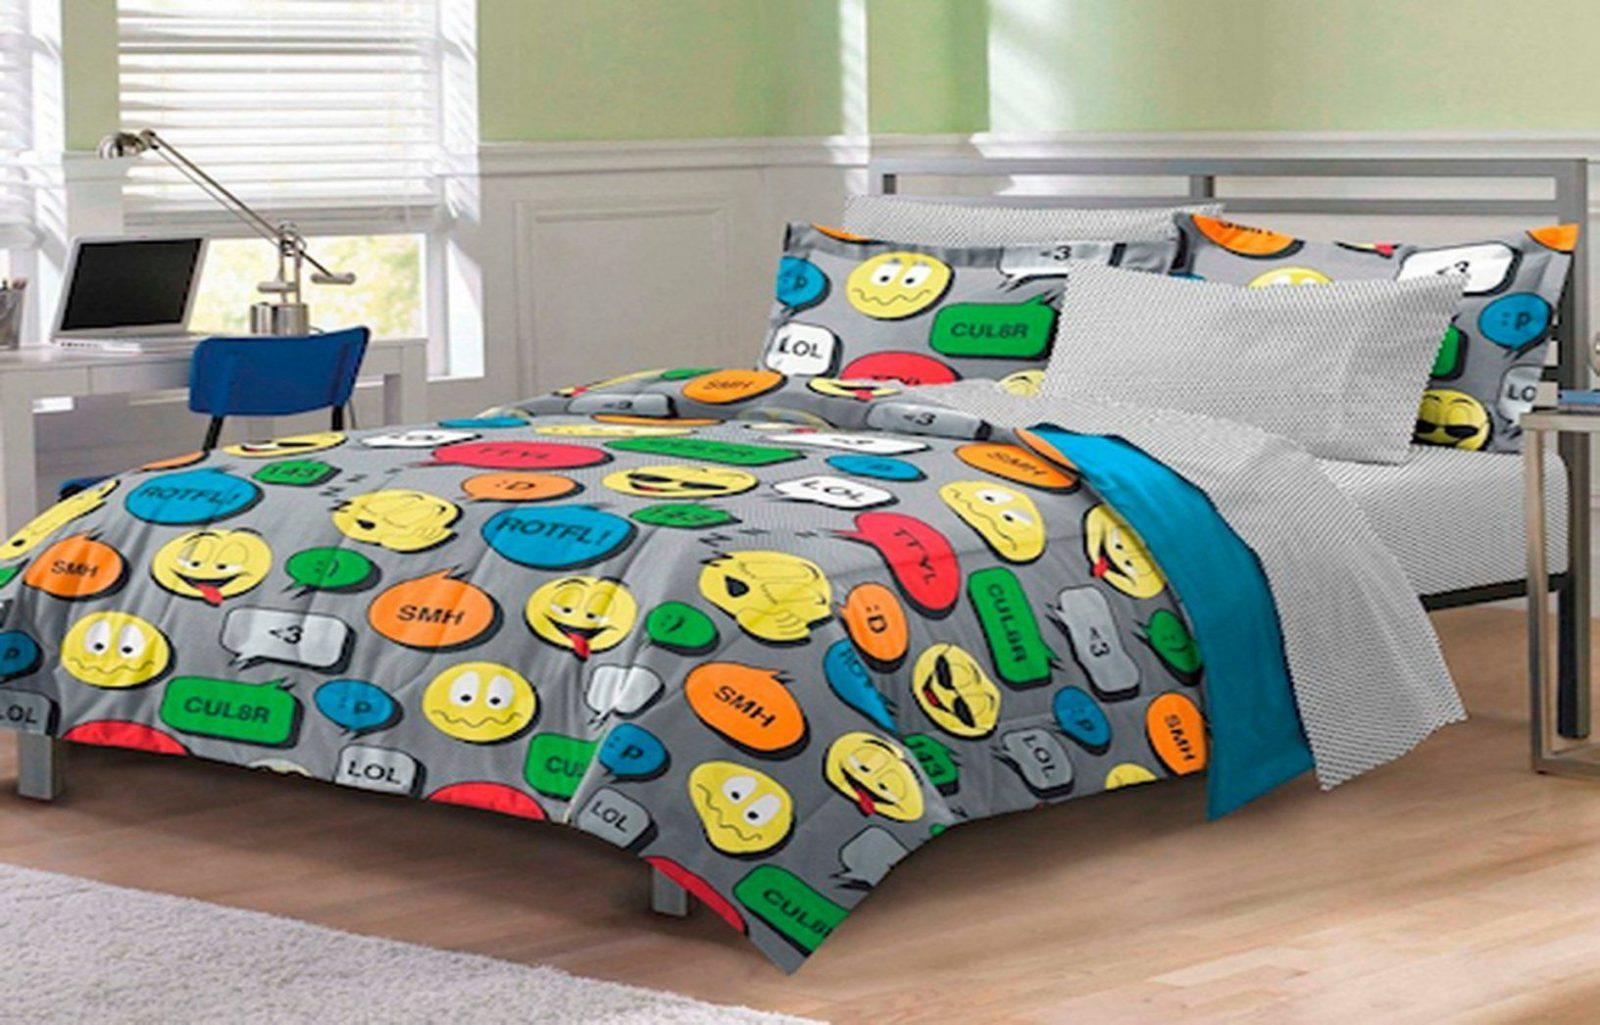 Jung & Wilde Zimmer 21 Coole Bettwäsche Für Teenager  Kinderzimmer von Coole Bettwäsche Für Junge Männer Photo